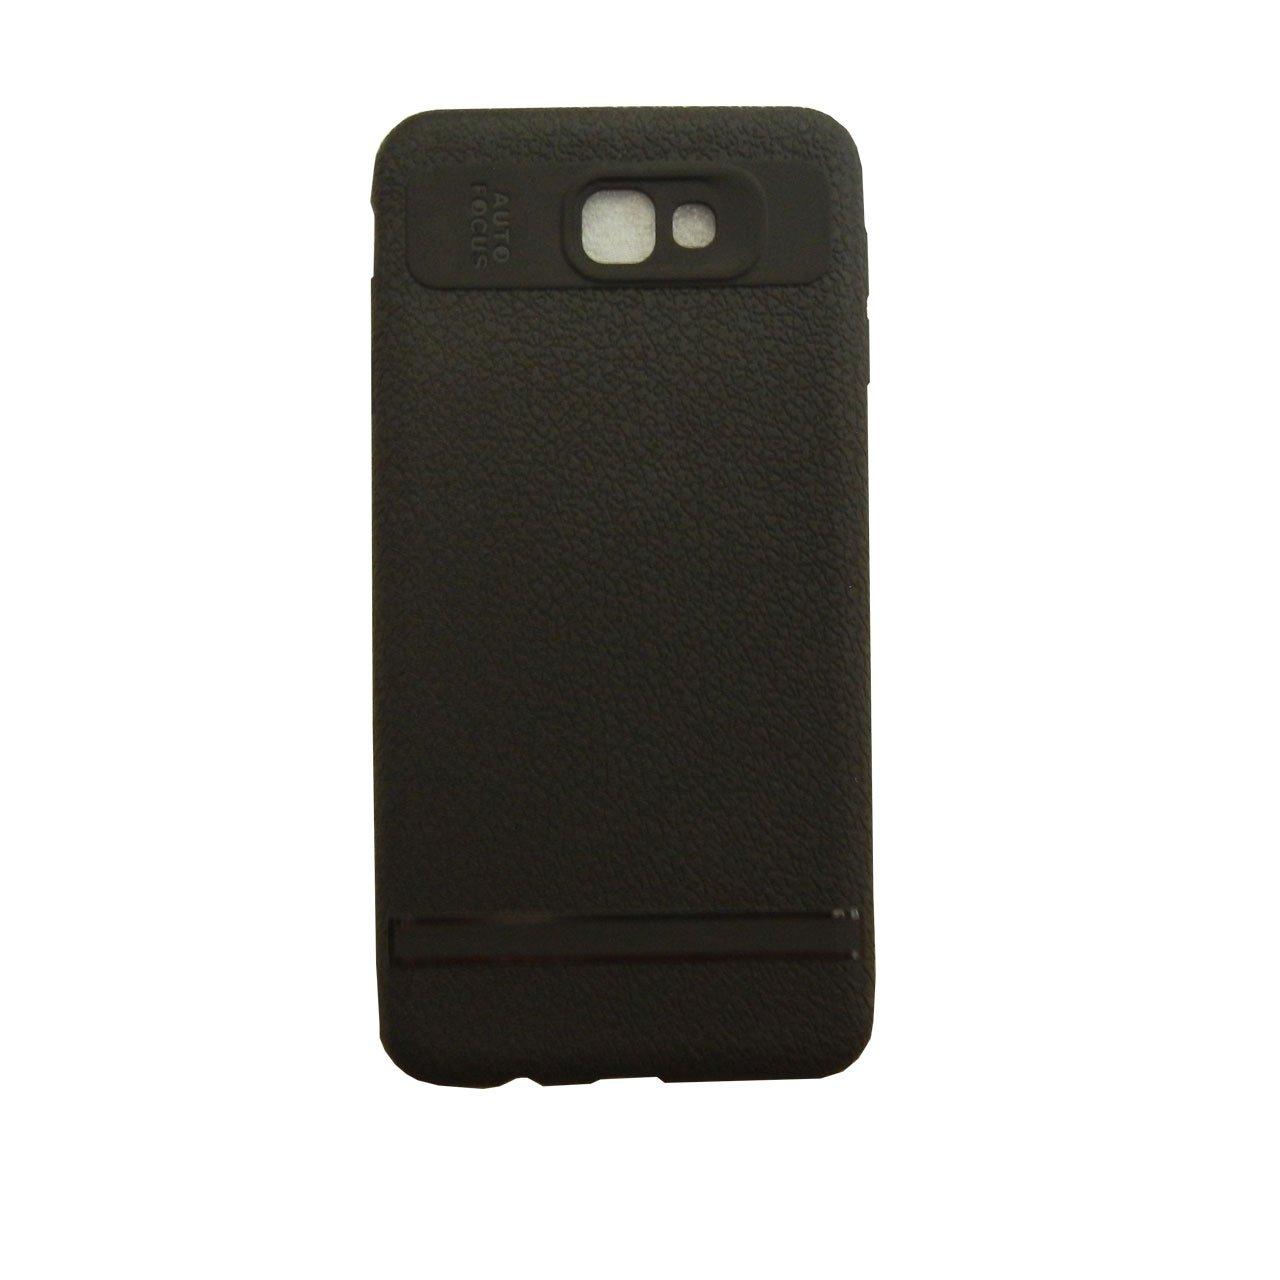 کاور موبایل مناسب برای سامسونگ A520